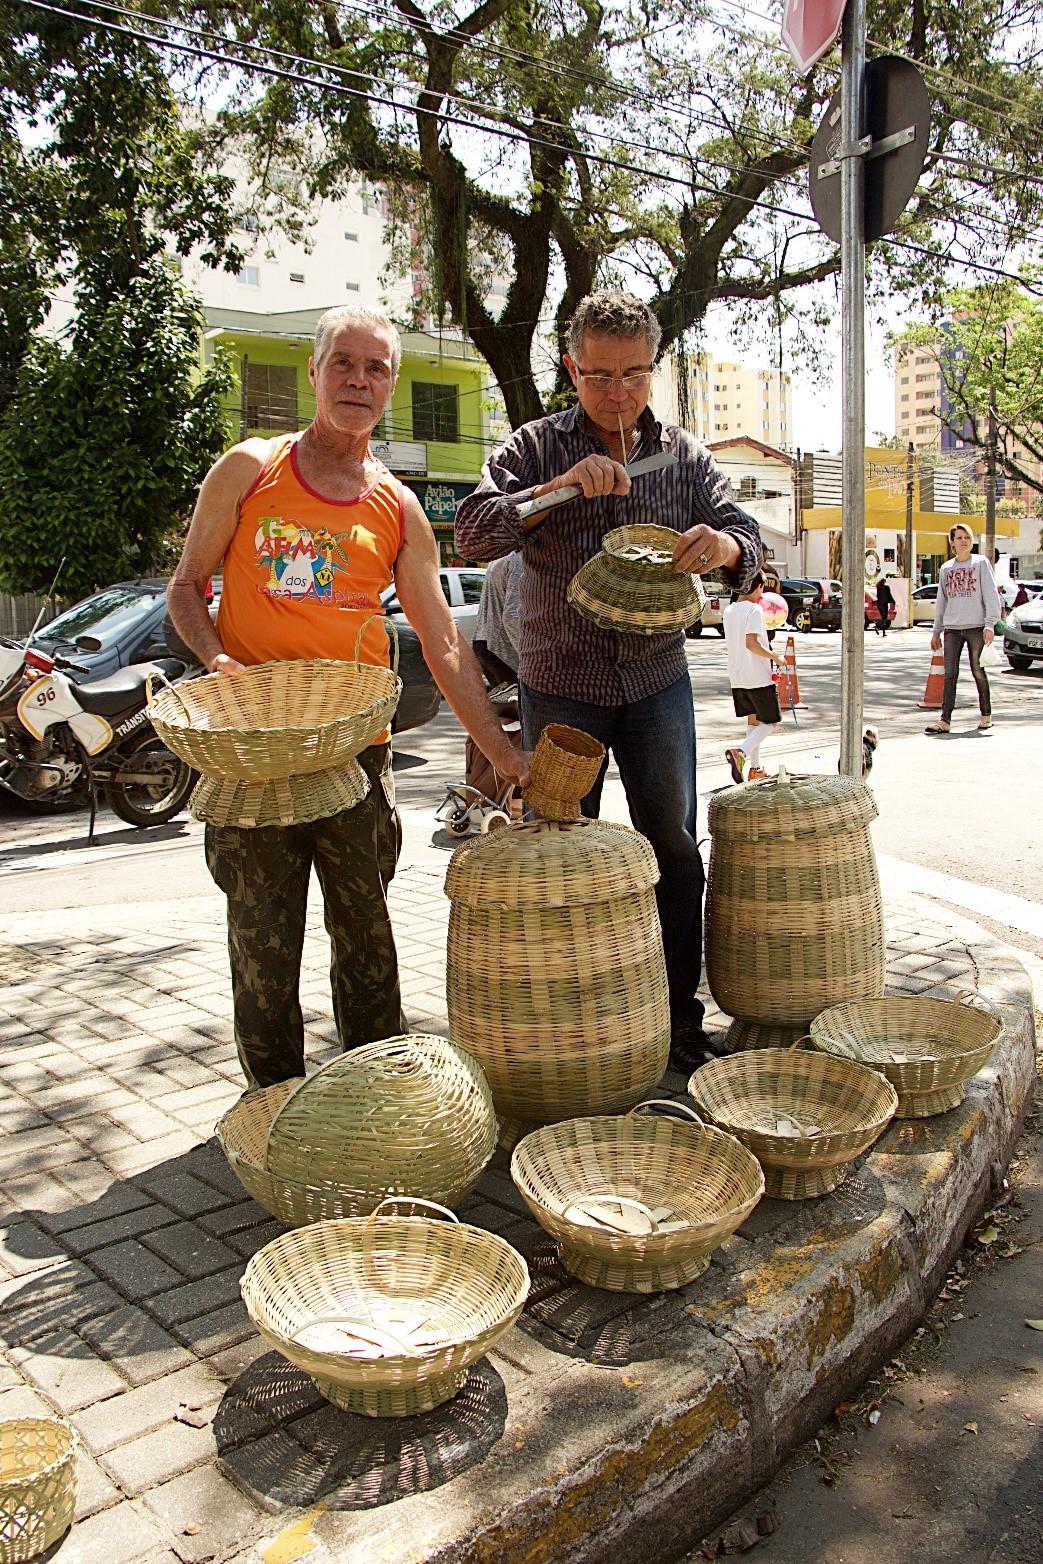 Artesanato Com Cd Velho ~  u2018Museu Vivo u2019 deste domingo tem Jongo, artesanato em bambu e pastel de milho Museu do Folclore